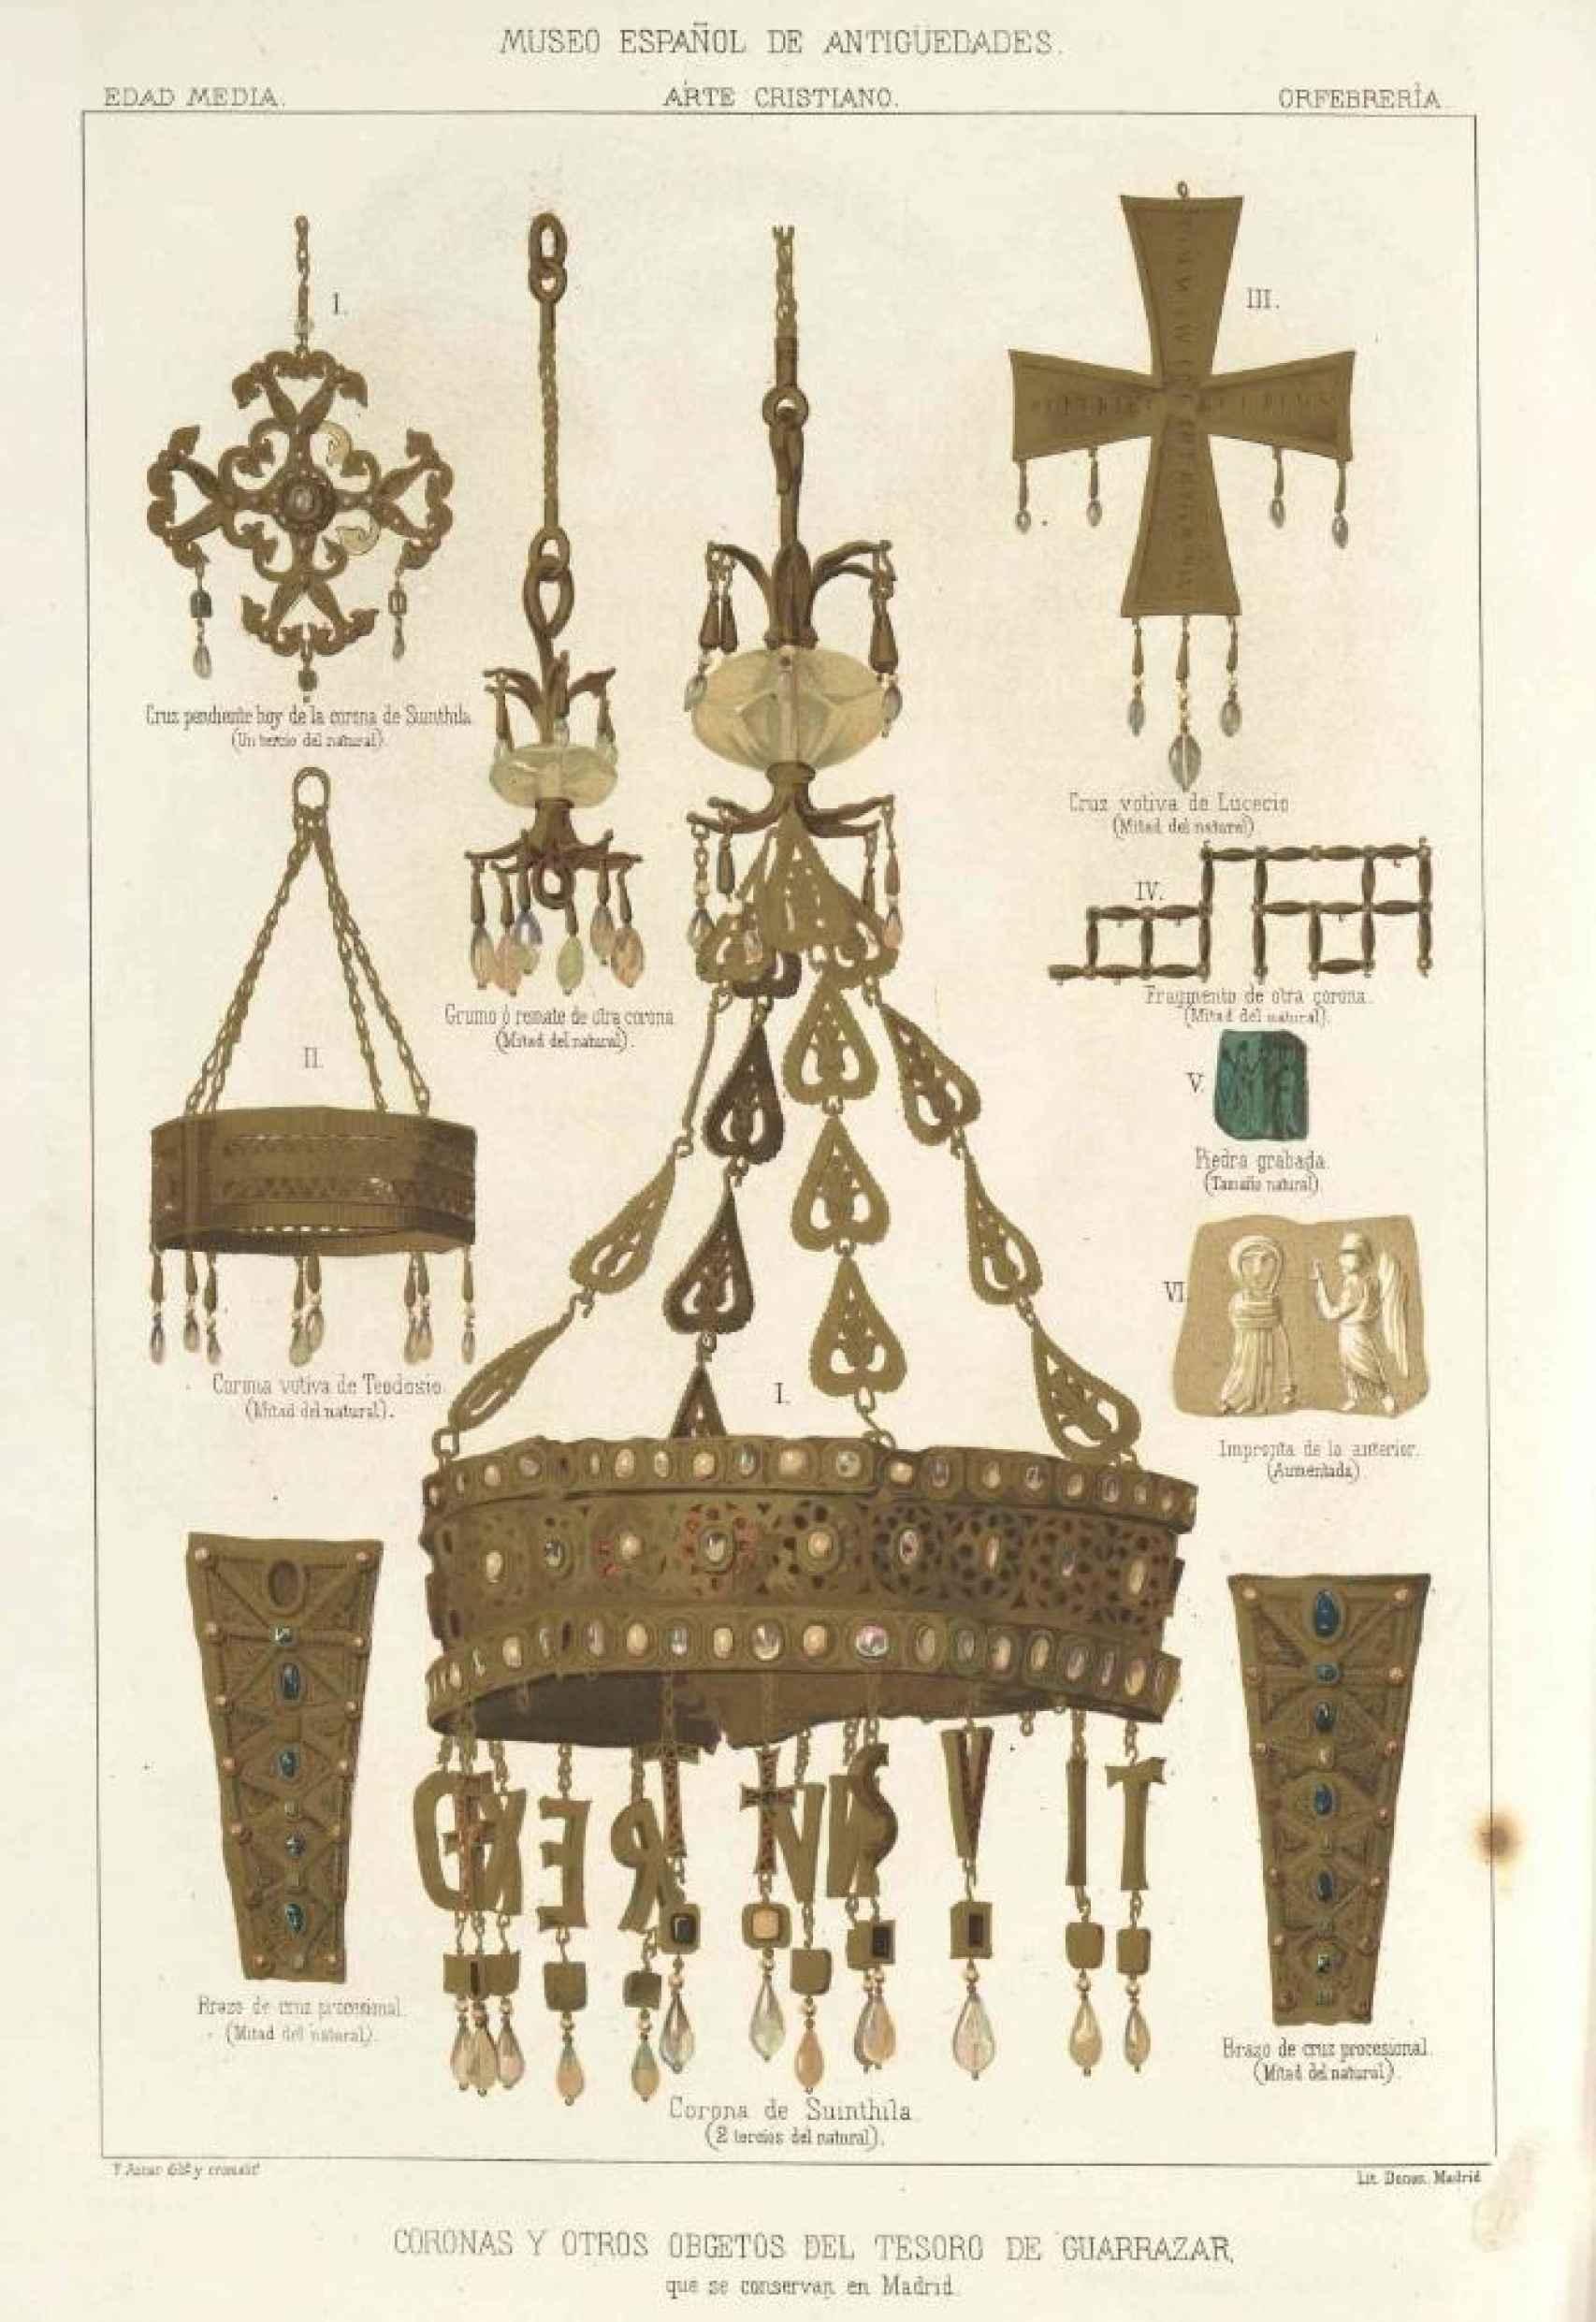 Representación de diversas piezas del Tesoro de Guarrazar, entre ellas la corona perdida de Suintila.